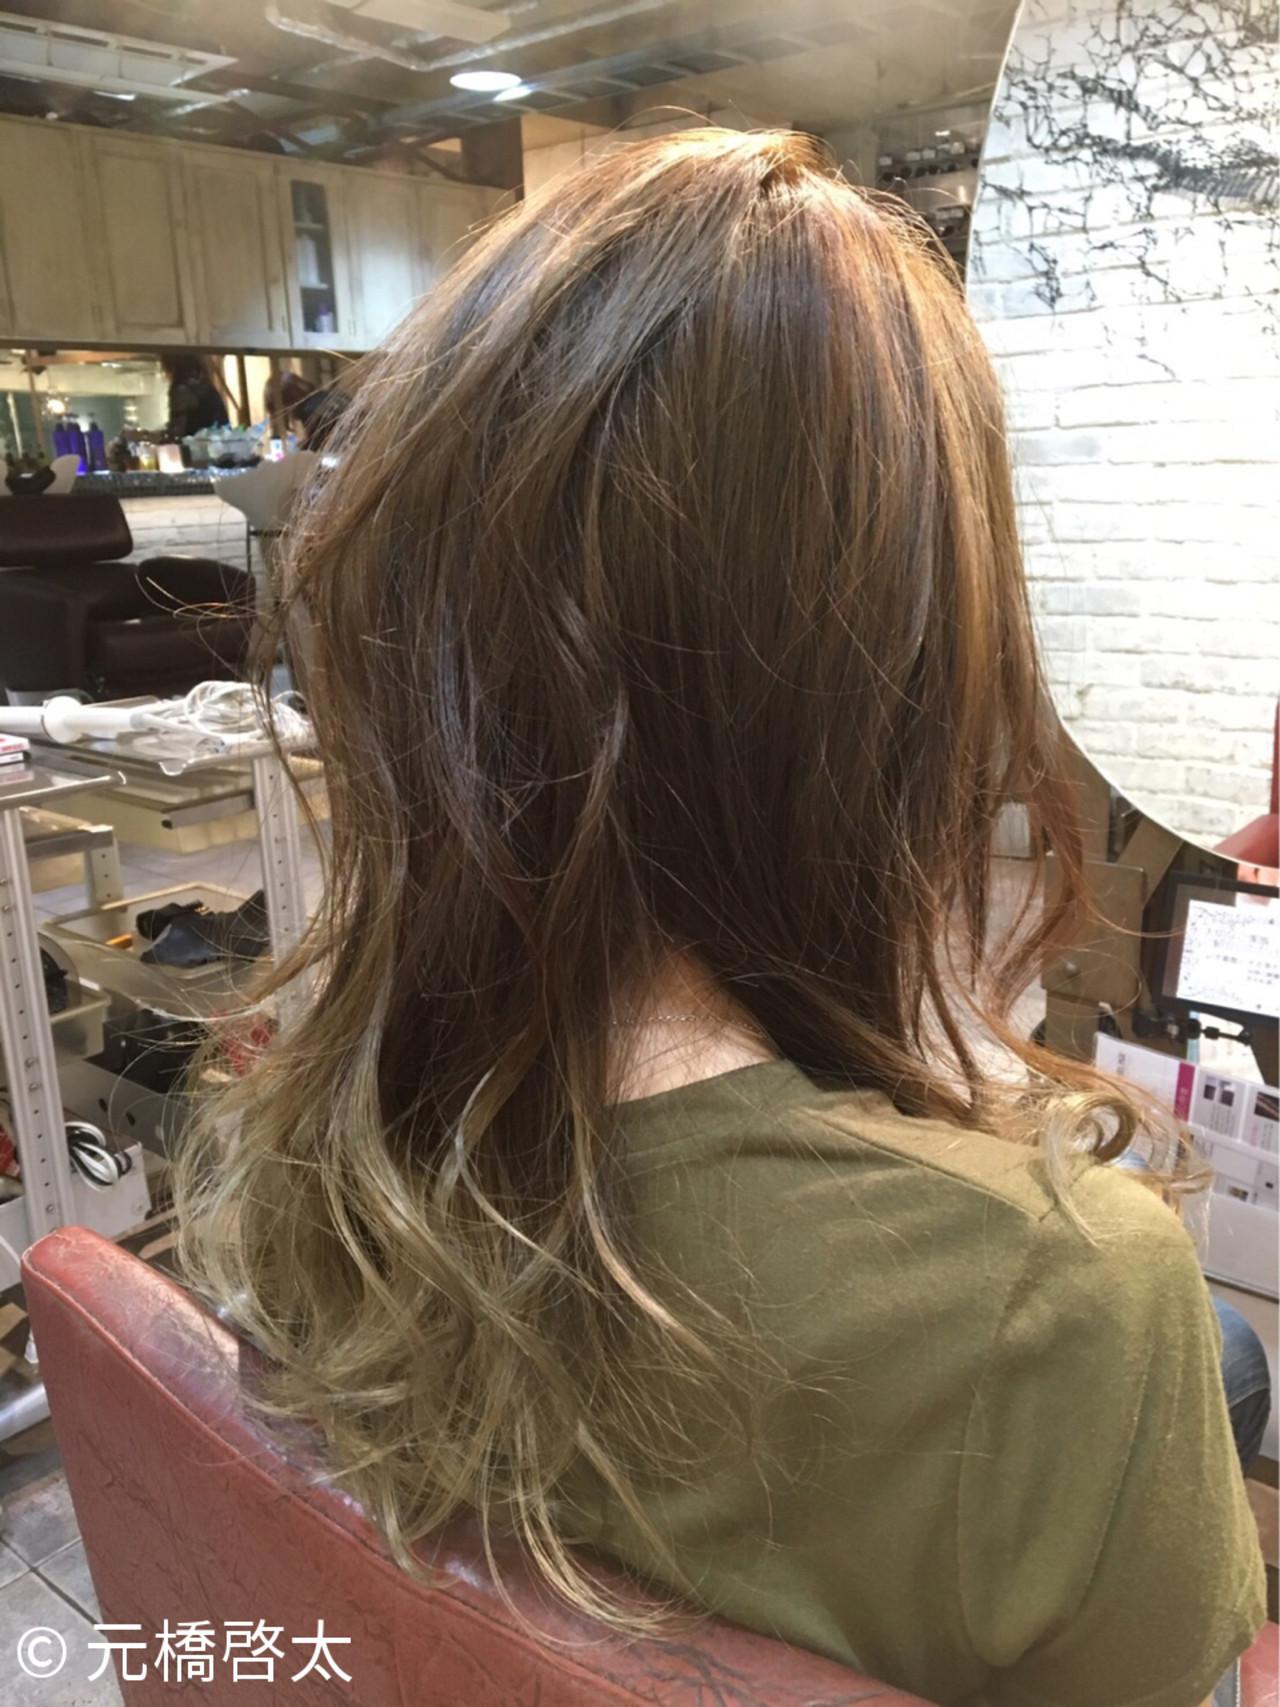 ストリート グラデーションカラー ロング 外国人風 ヘアスタイルや髪型の写真・画像 | 元橋啓太 / snob